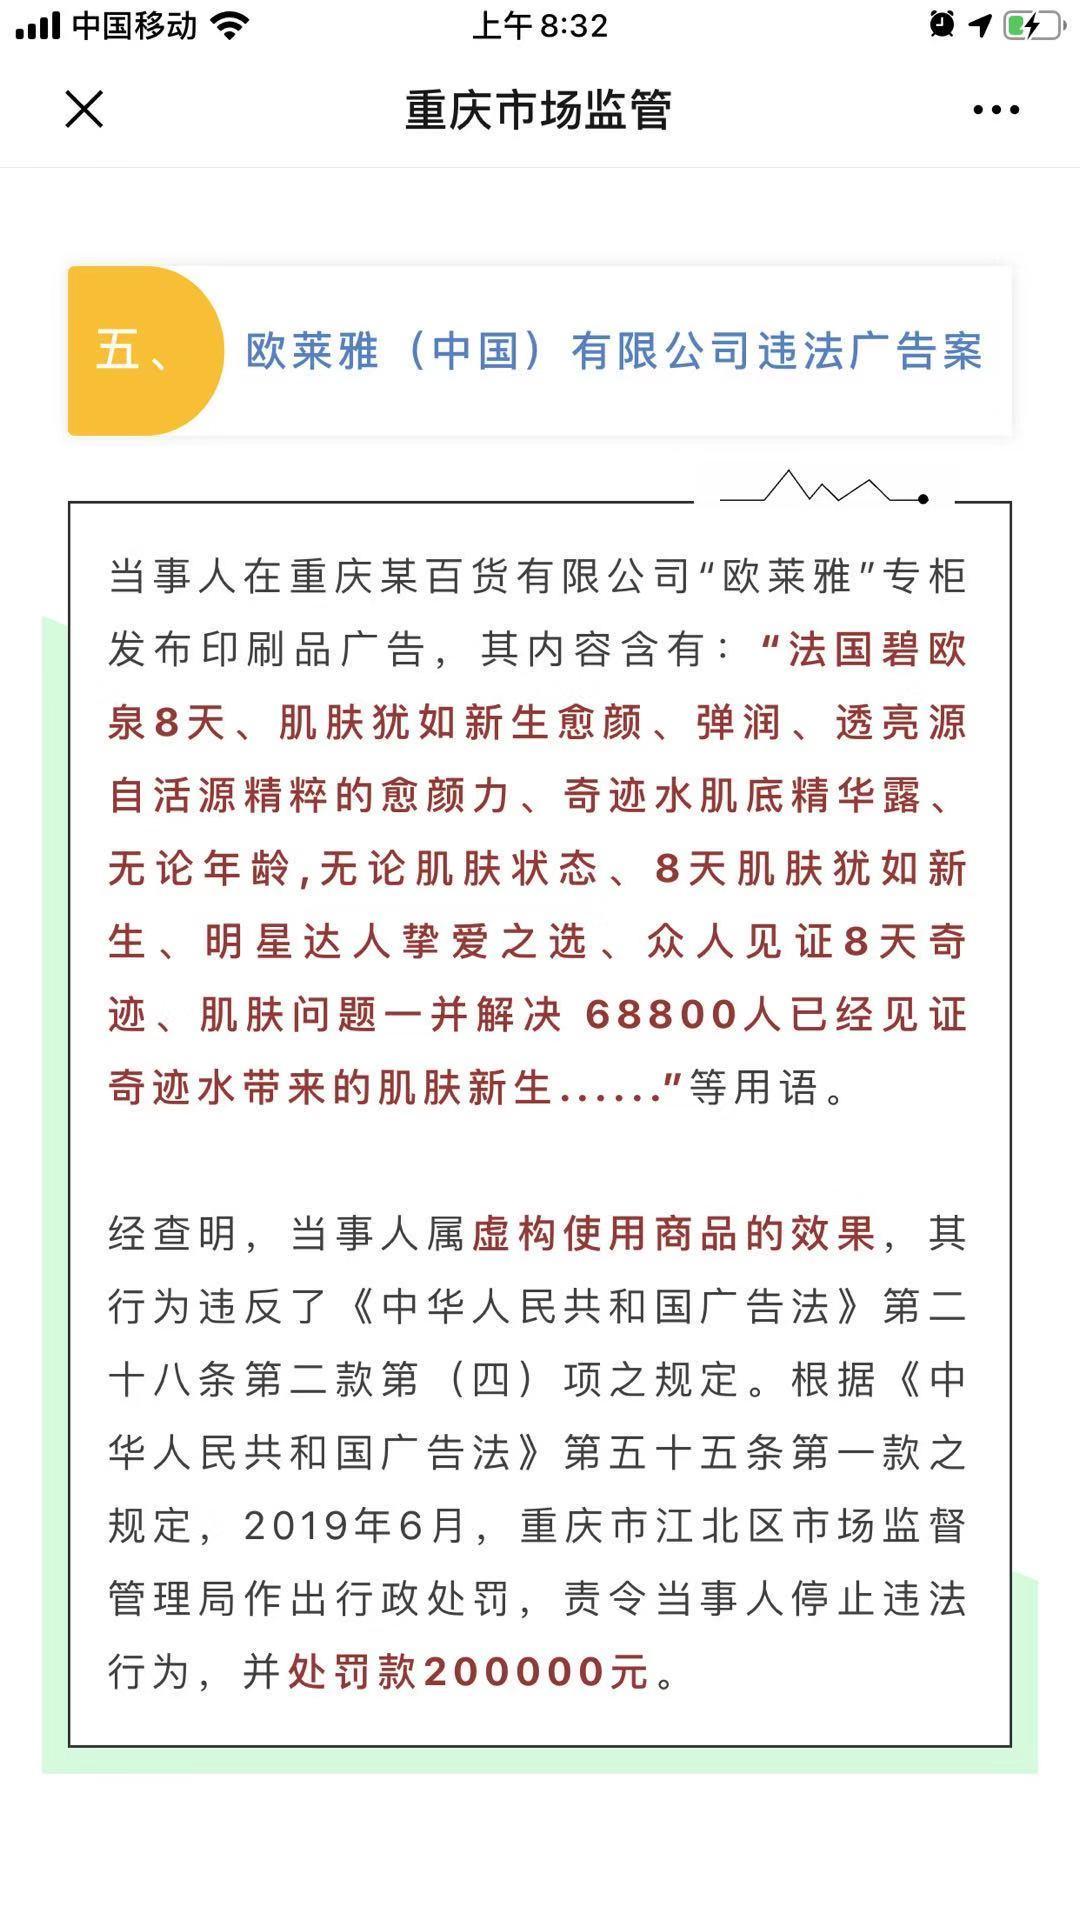 「博猫游戏娱乐平台注册」百傲化学股东三鑫投资质押500万股 上半年净利同比增长78%